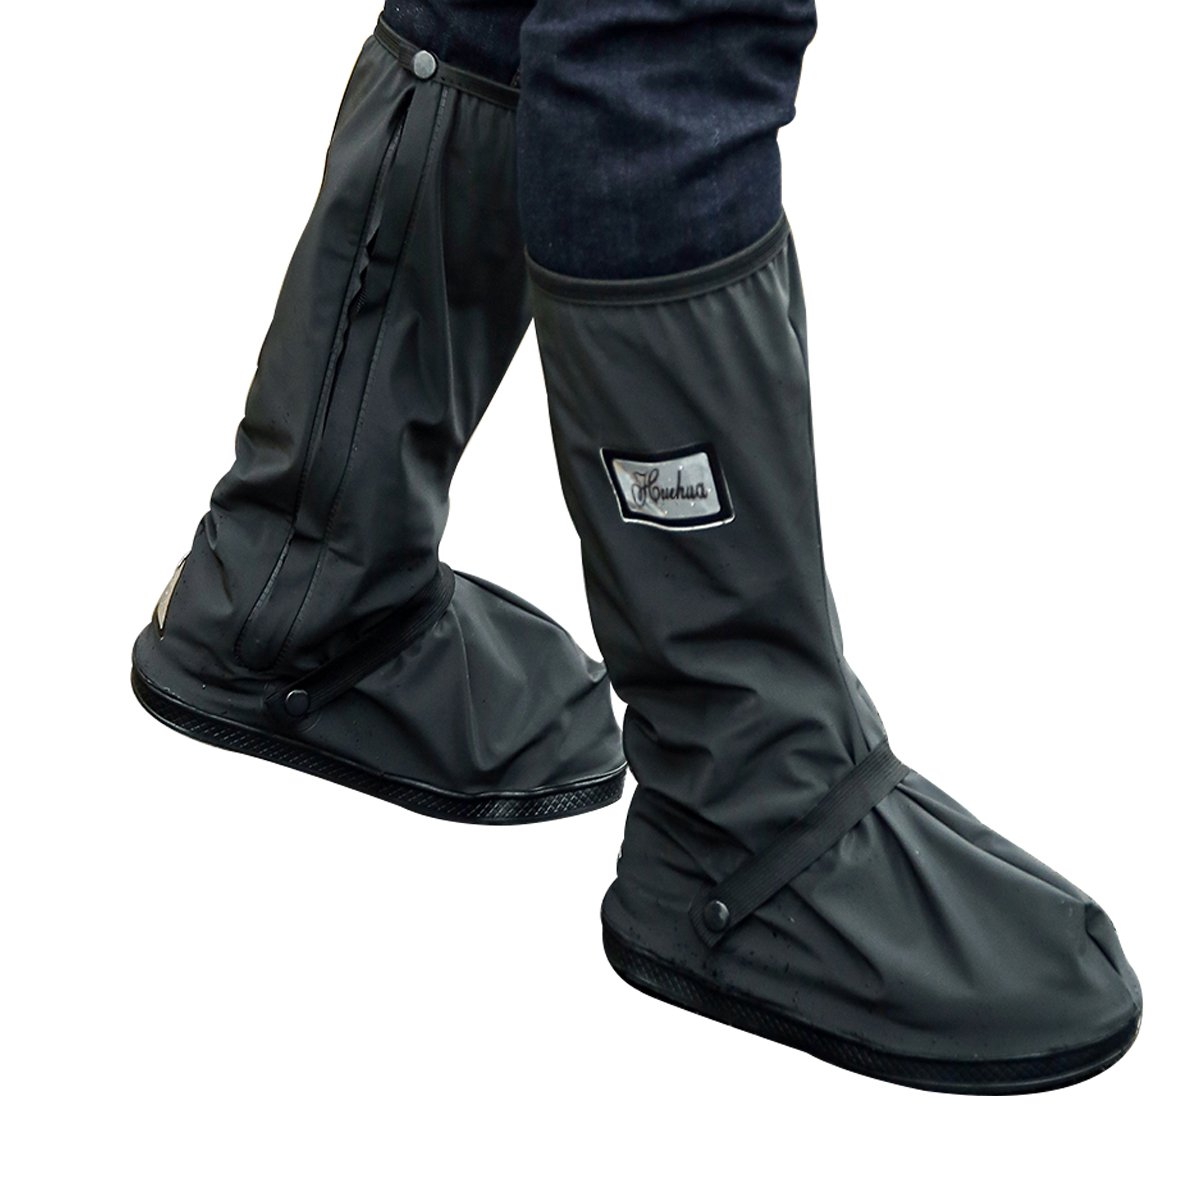 Botas impermeables, fundas de lluvia para zapatos, color negro, antideslizantes, reutilizables, para mujeres y hombres: Amazon.es: Deportes y aire libre